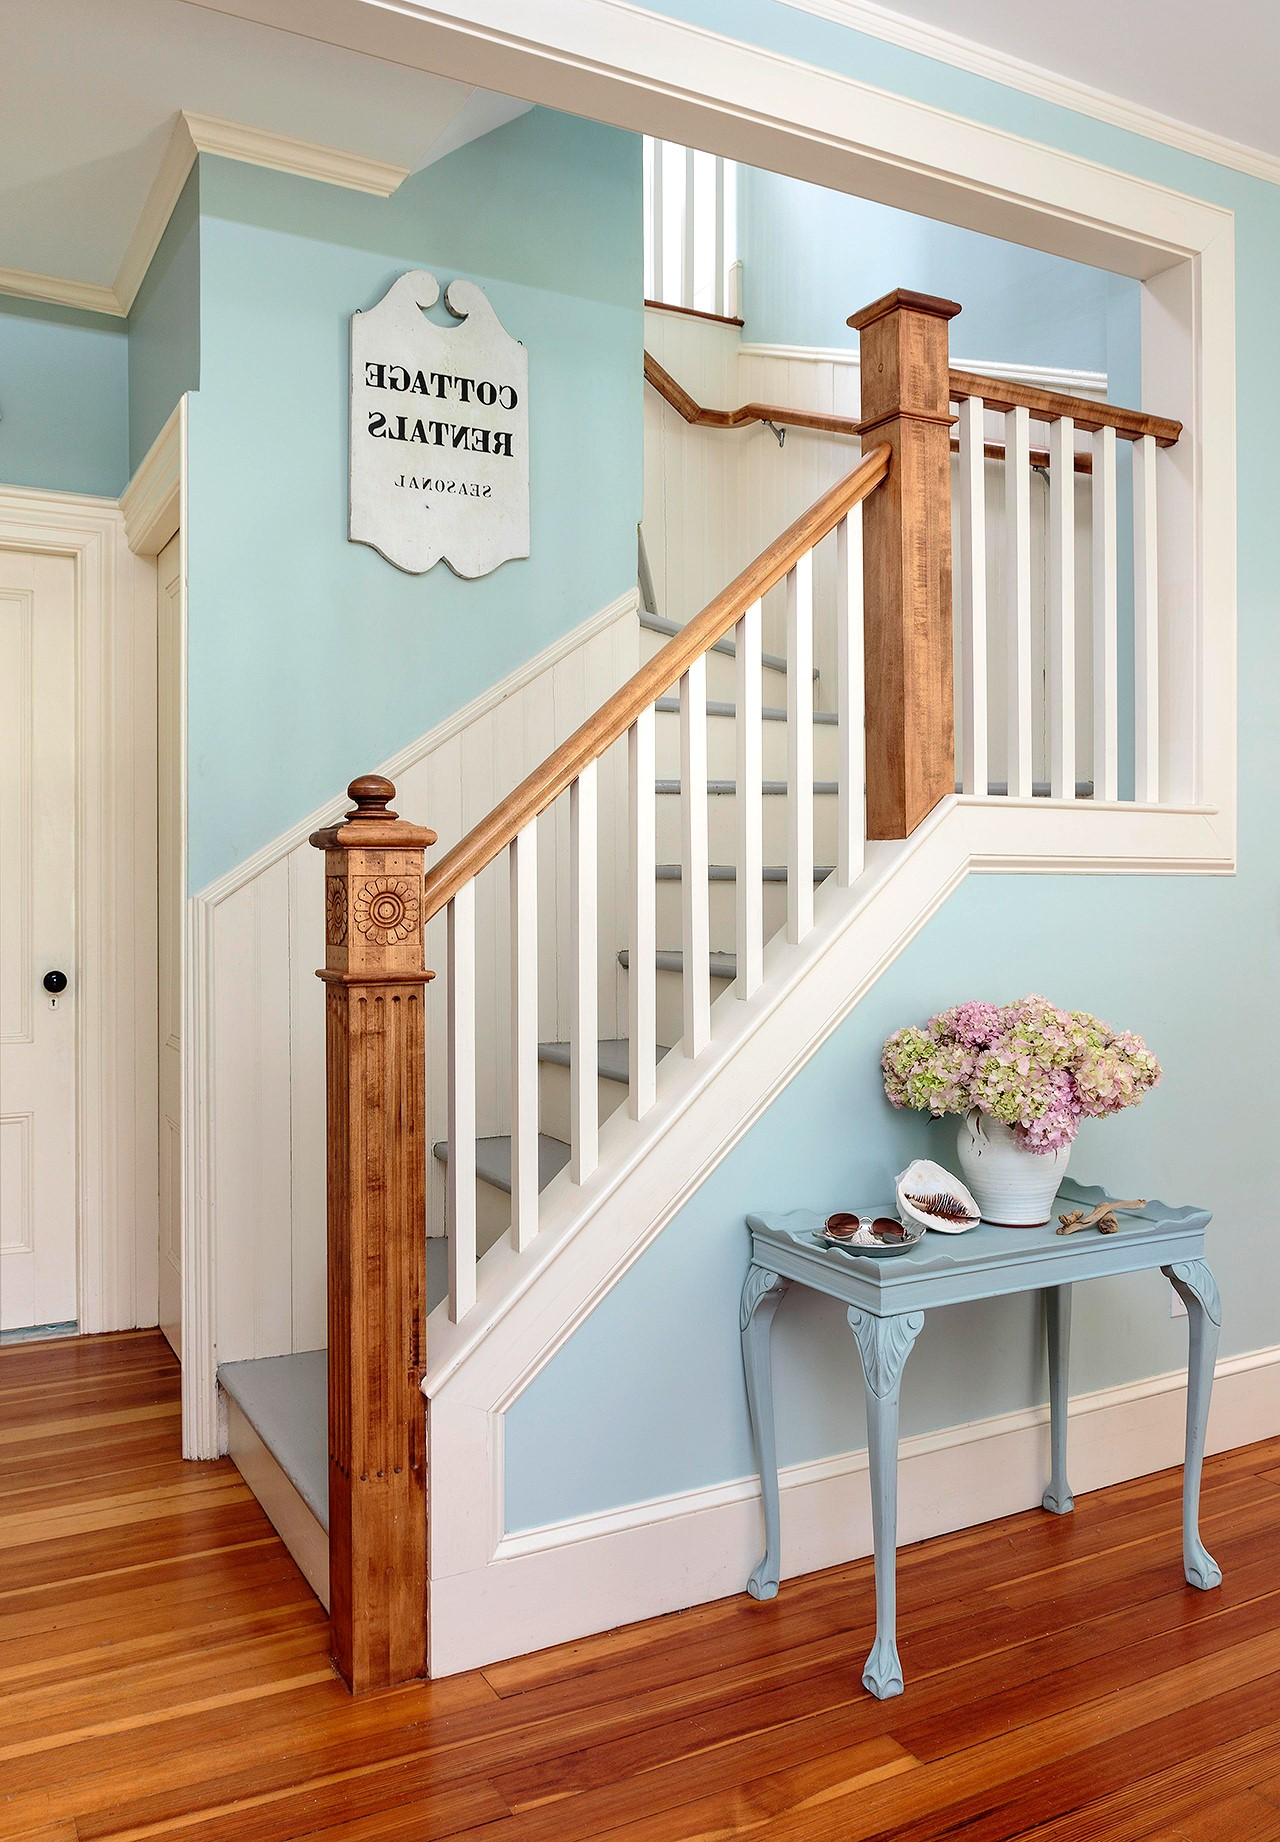 Peignez les murs autour de l'escalier dans une nouvelle belle couleur.